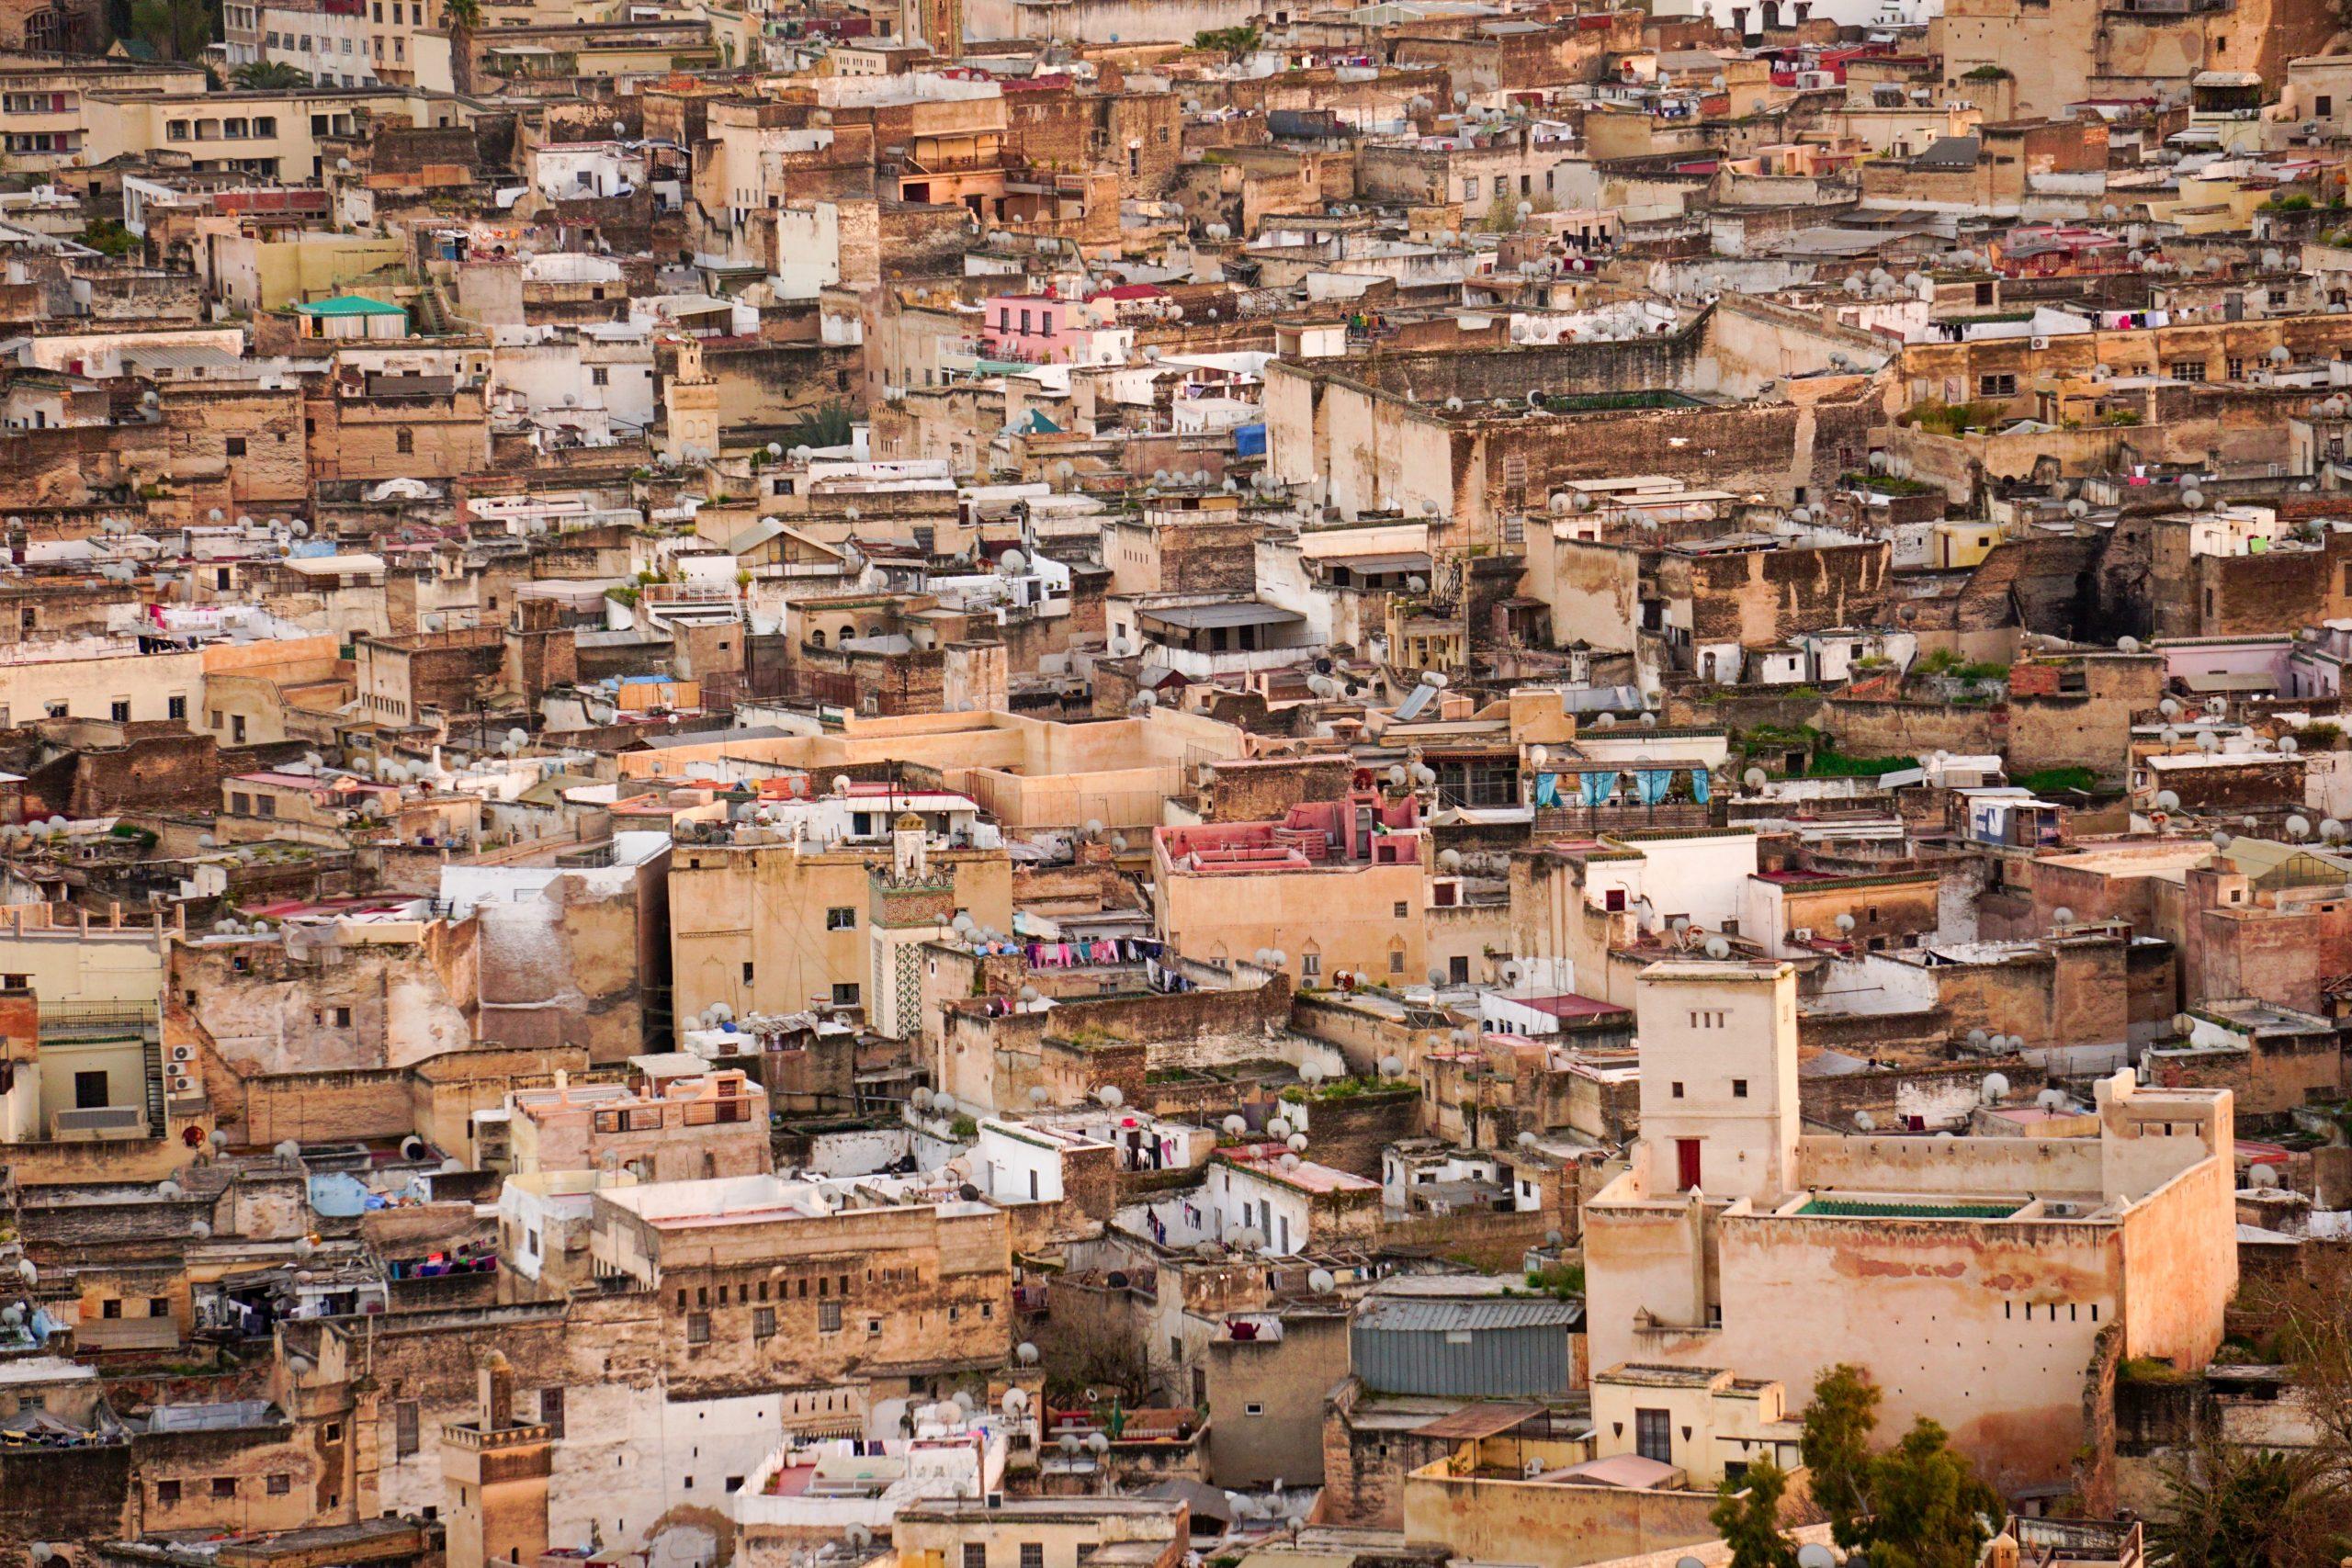 Fez in Marokko heeft de 2e plaats in de reistrends weten te behalen